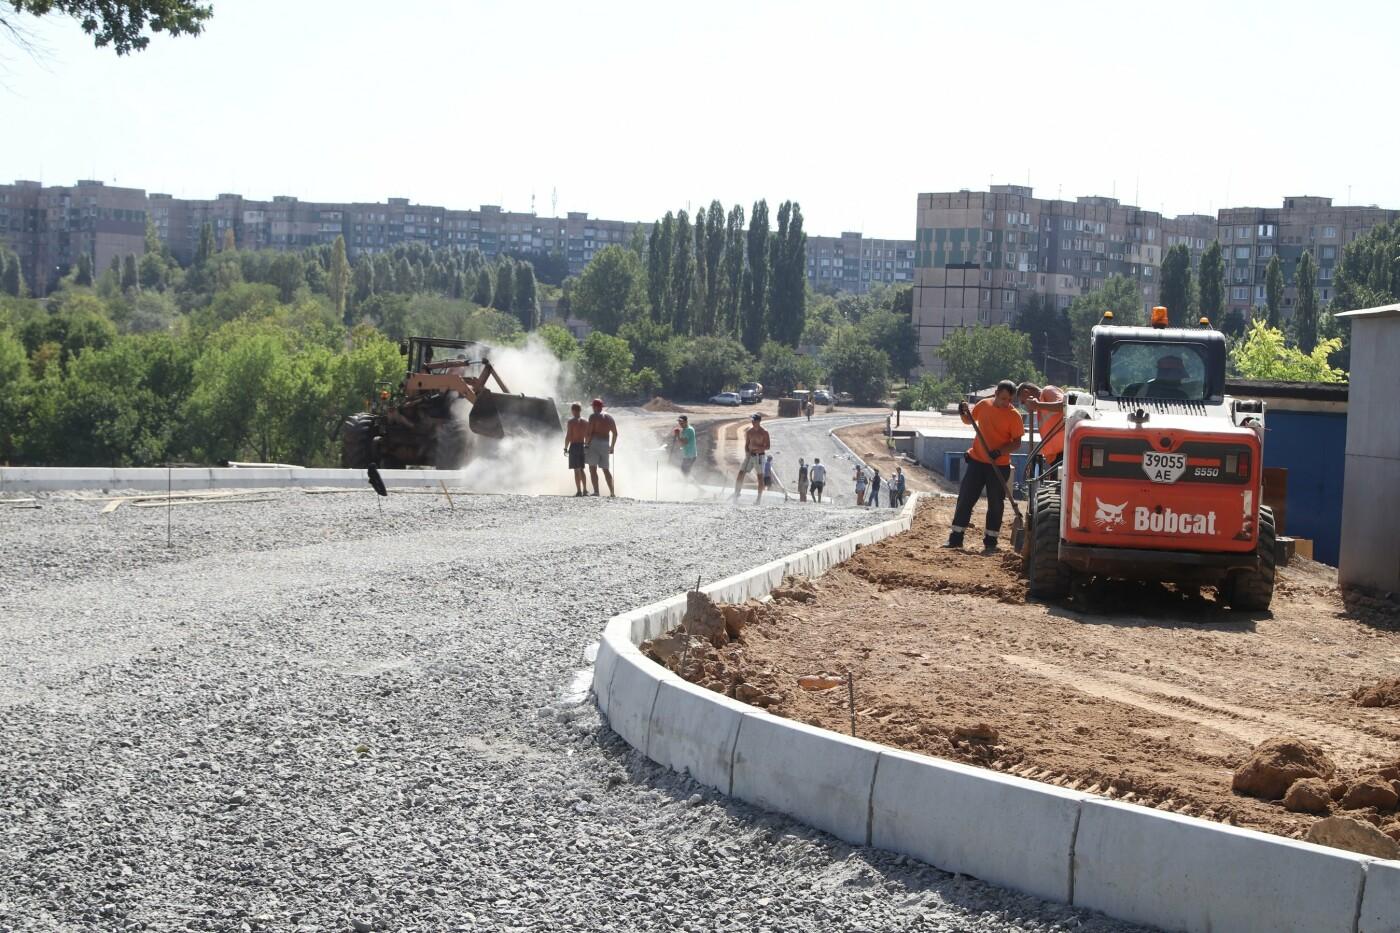 Юрій Вілкул: Продовжуємо розвиток інфраструктури Кривого Рогу - завершили два великих дорожніх проєкти з капремонту по проспекту 200-річчя..., фото-6